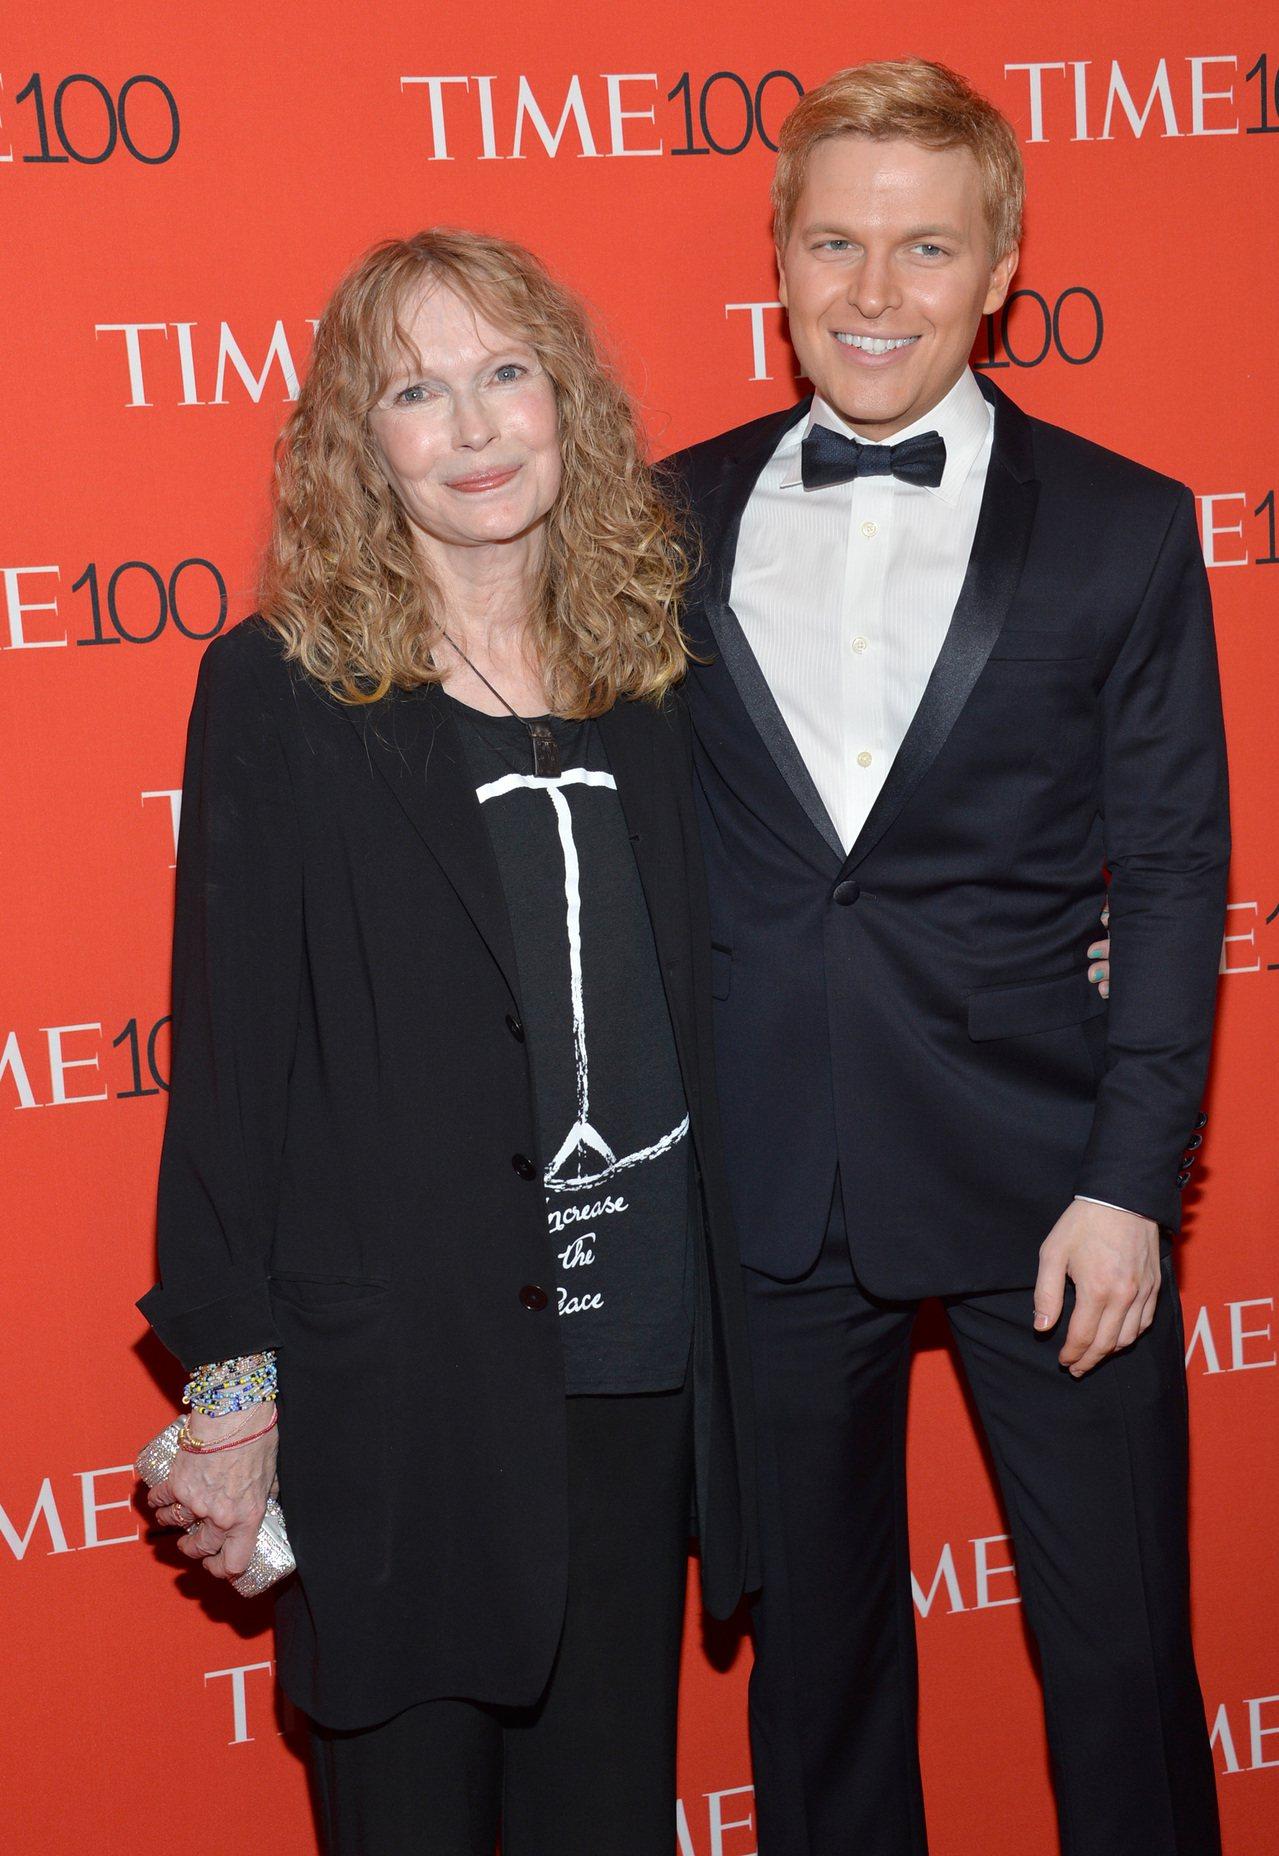 踢爆好萊塢重量級製片人溫斯坦性醜聞的記者羅南‧法羅,母親是資深女星米亞法羅。圖為...